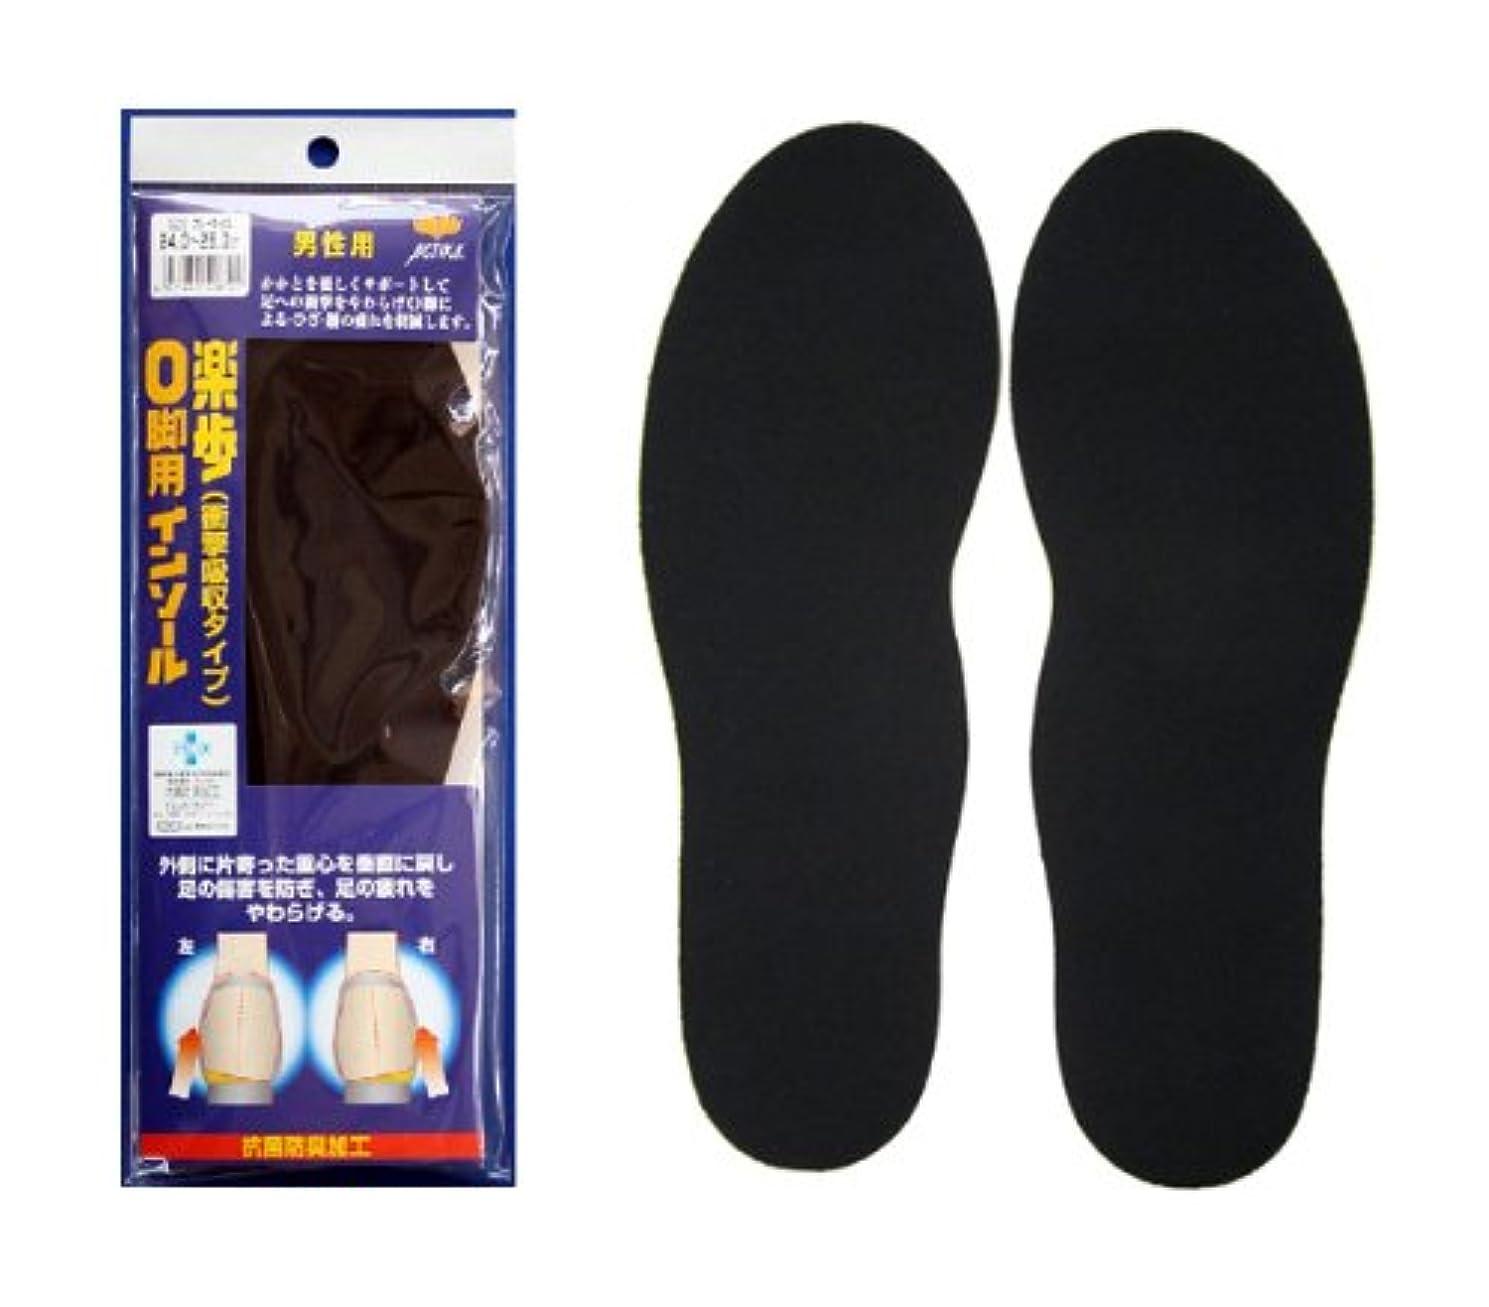 め言葉誘うコードレス楽歩 O脚用インソール 男性用(24.0~28.0cm) 2足セット  No.162